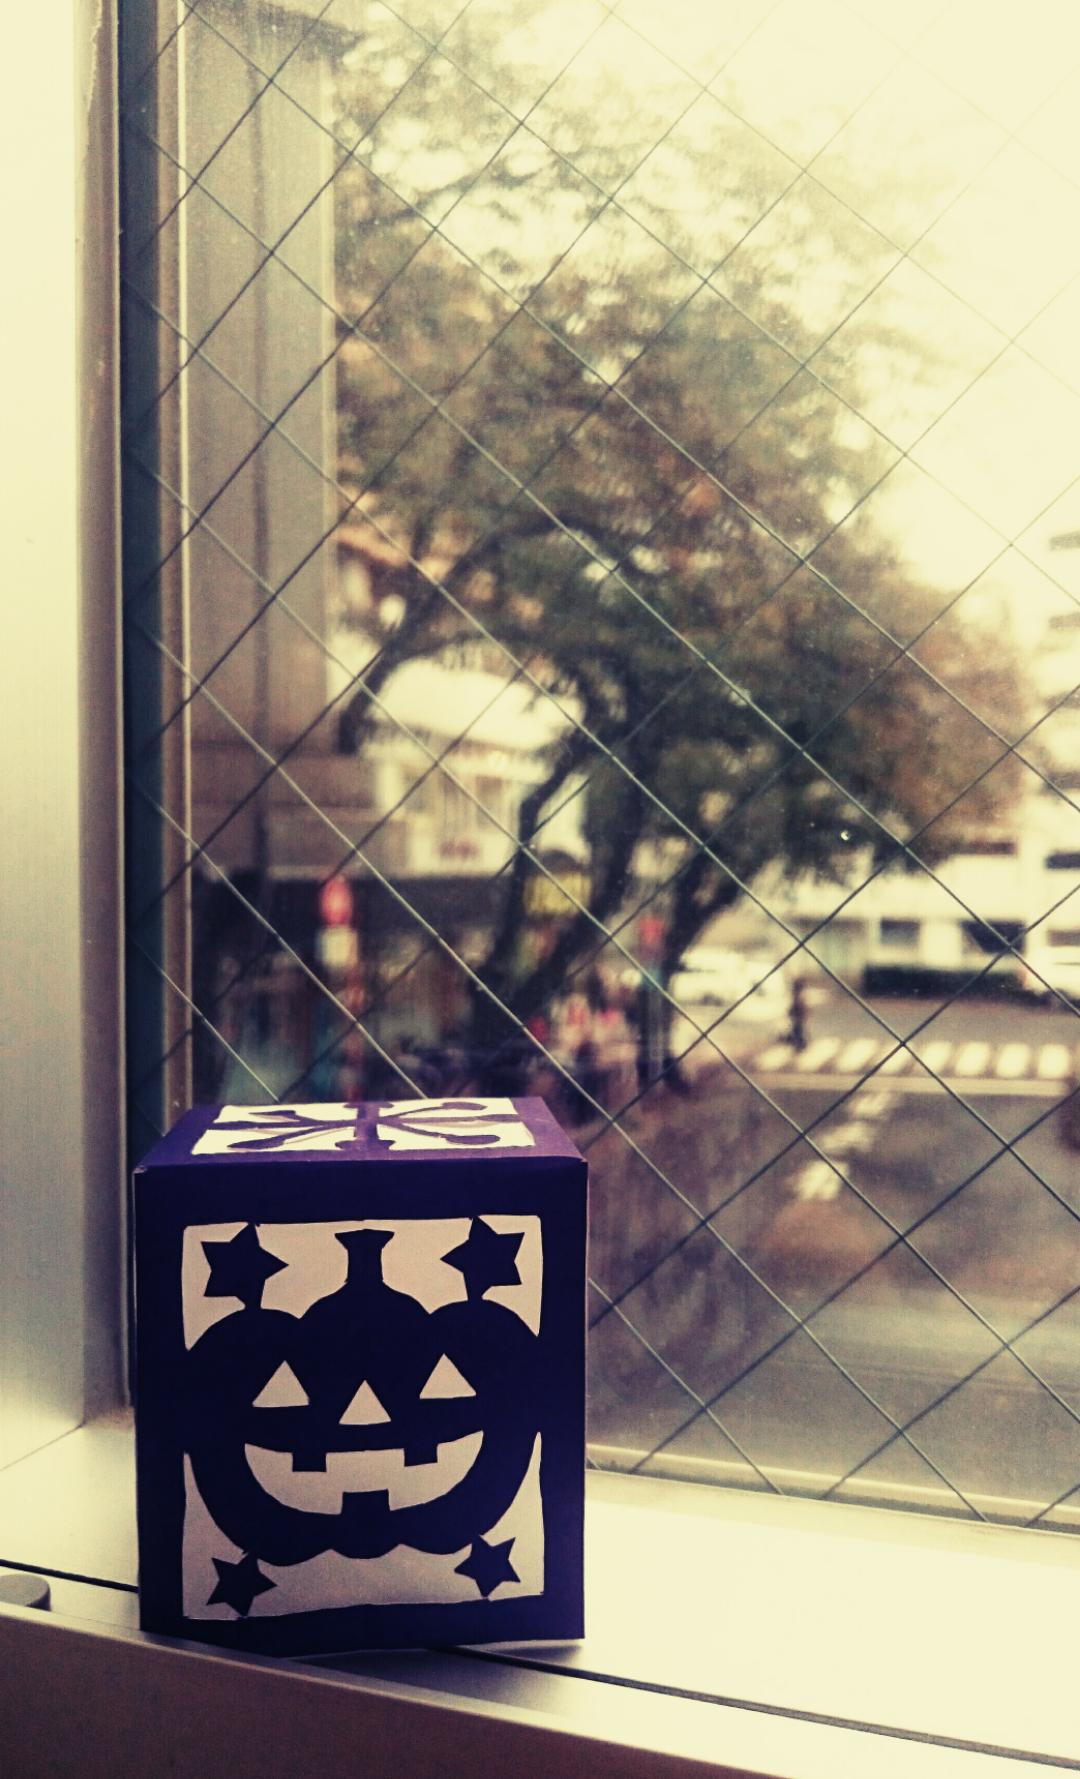 ランタンと窓